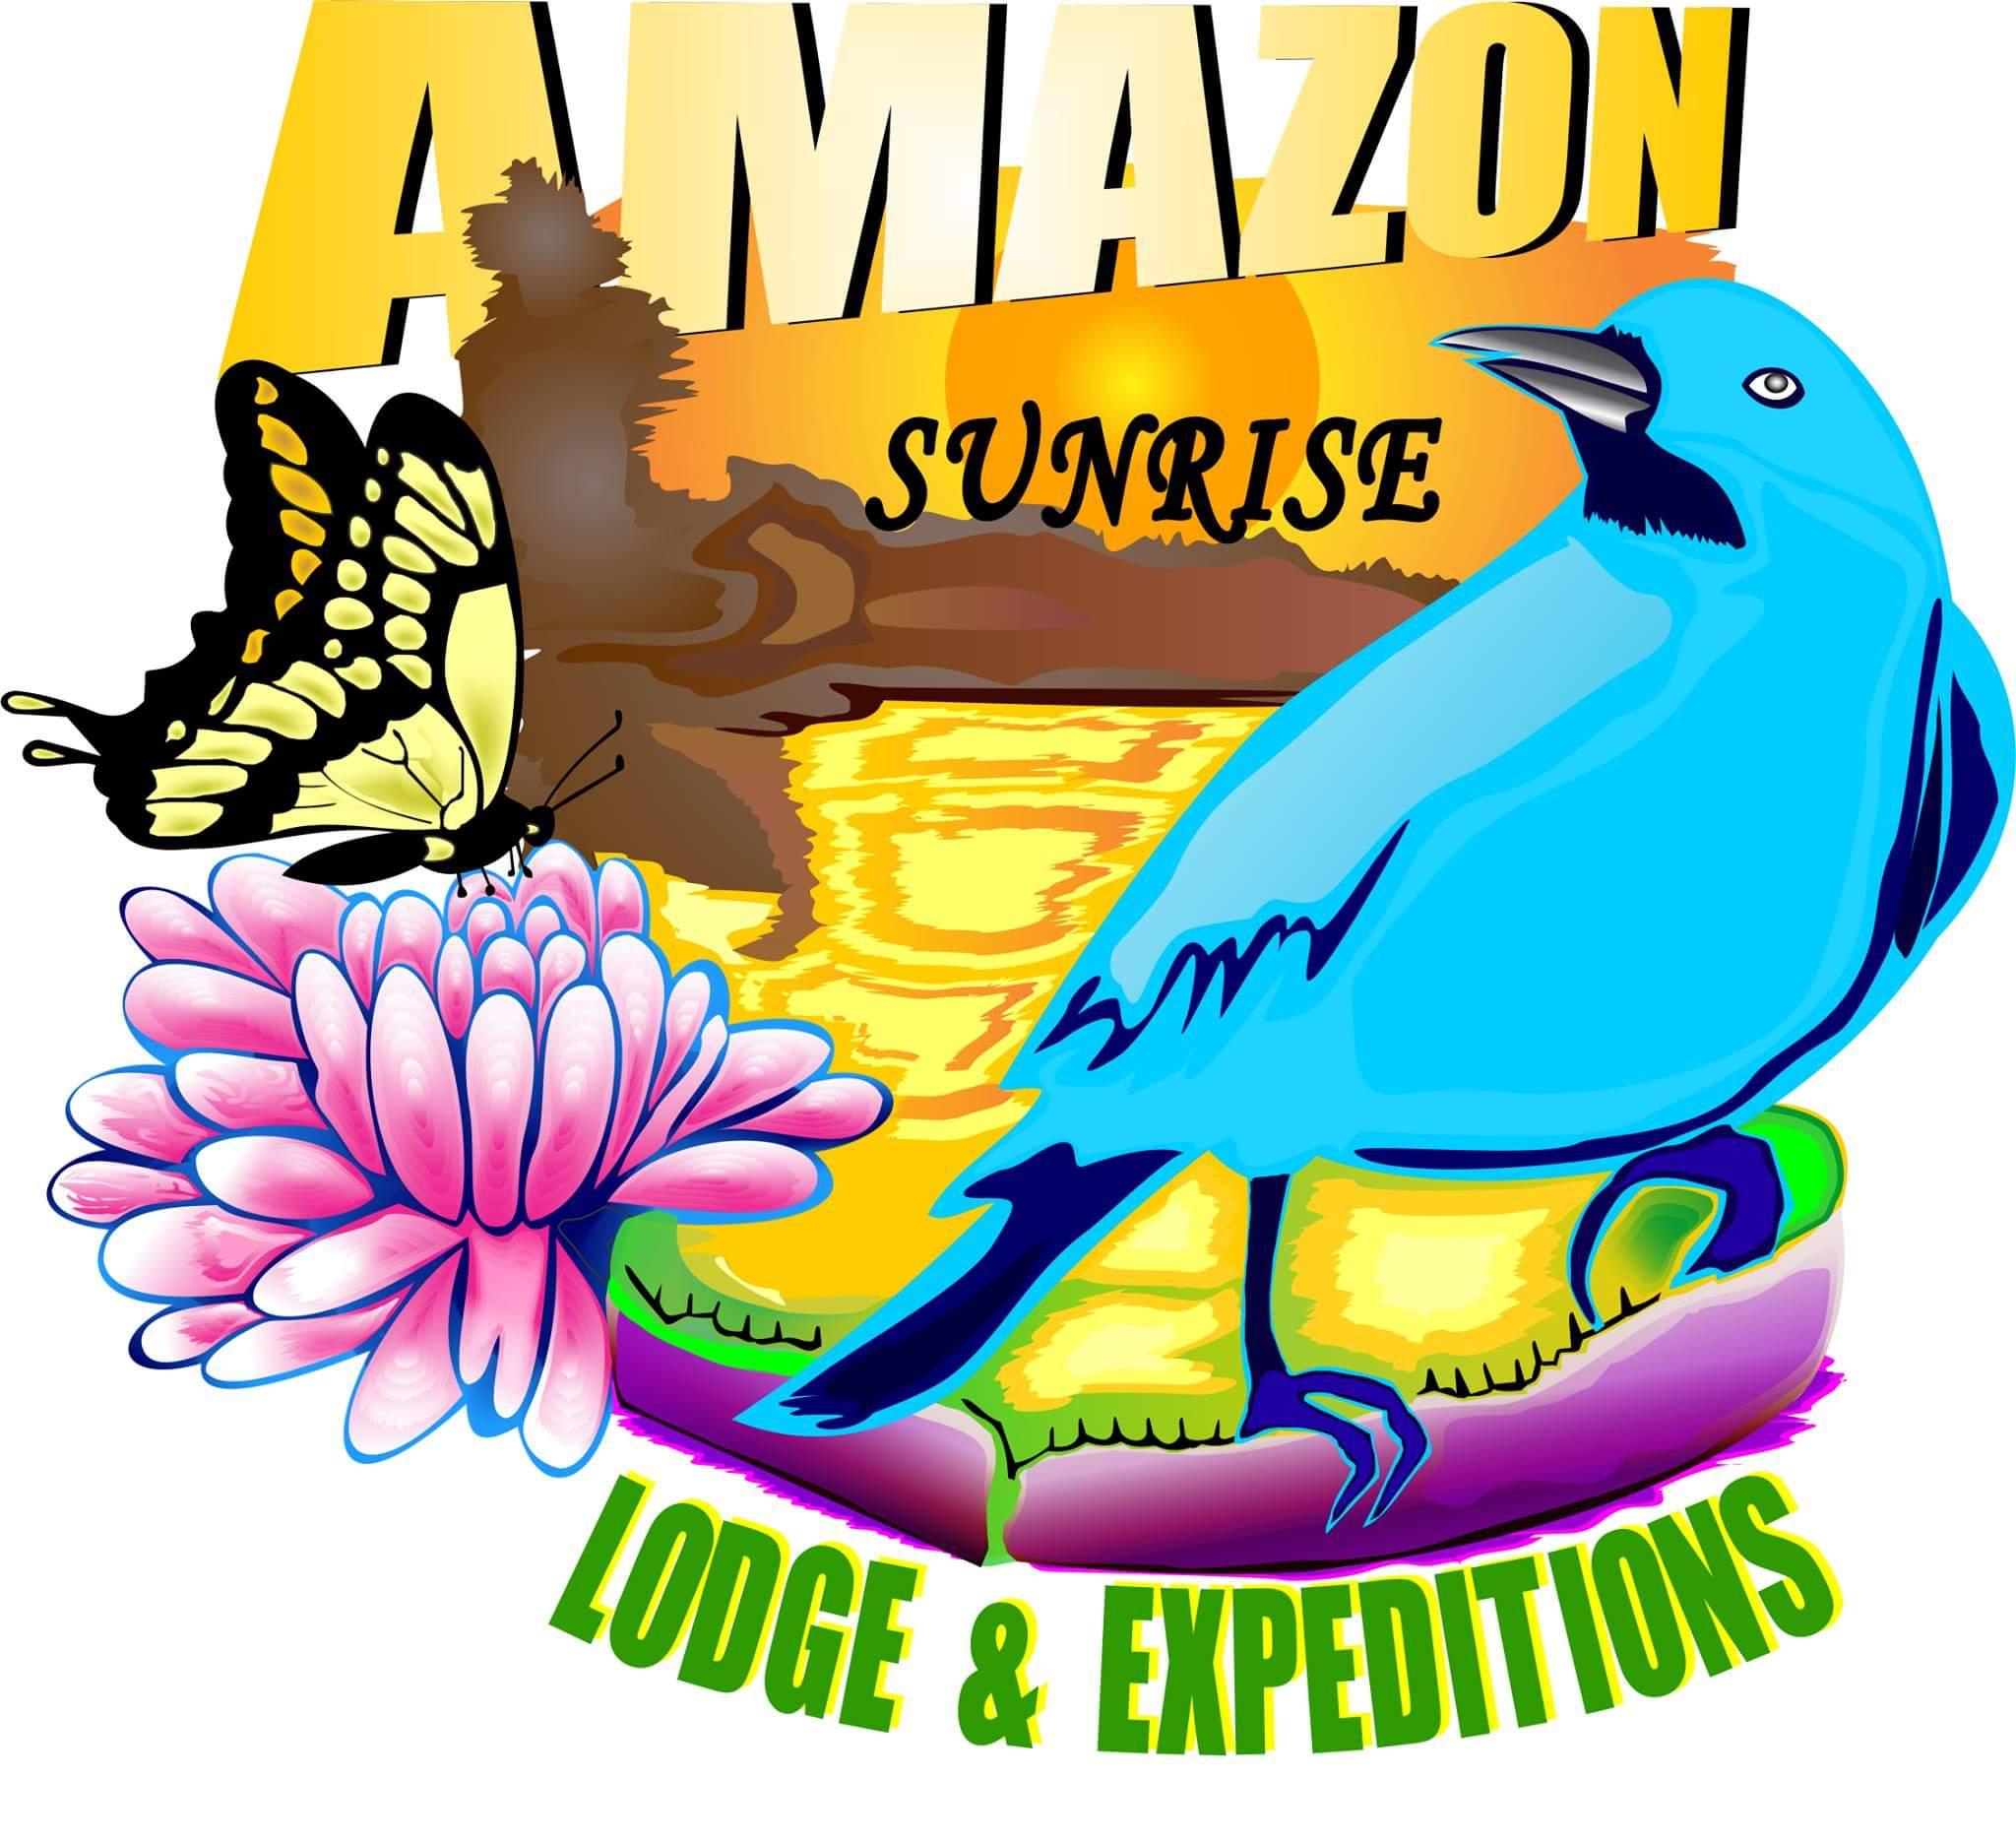 Hotel Amazon Sunrise Lodge & Expeditions